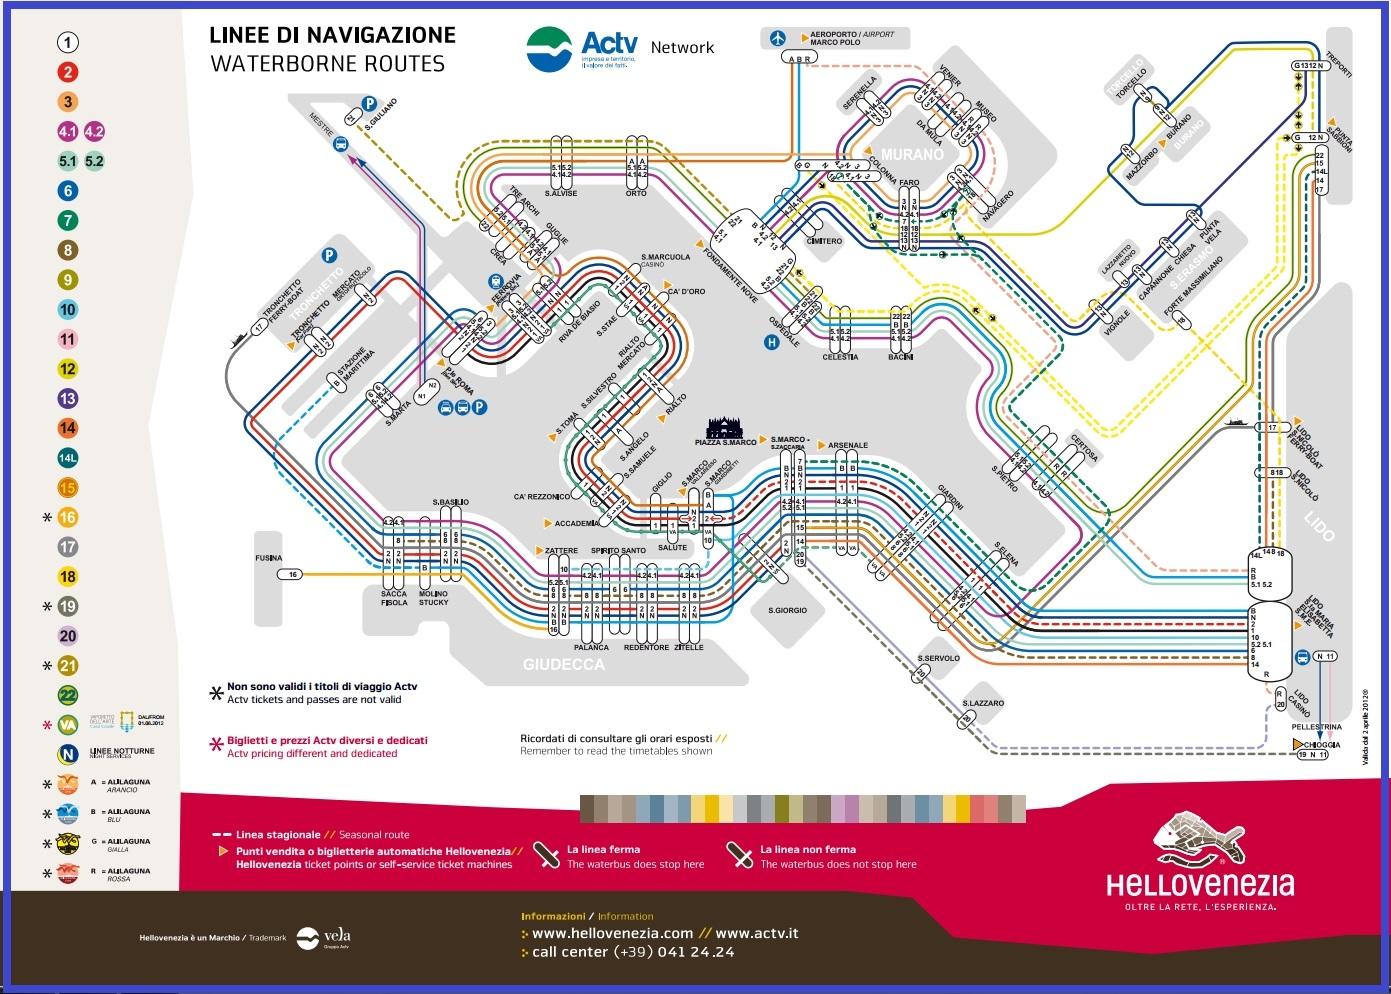 Венеция_Вапоретто_схема маршрутов водного транспорта